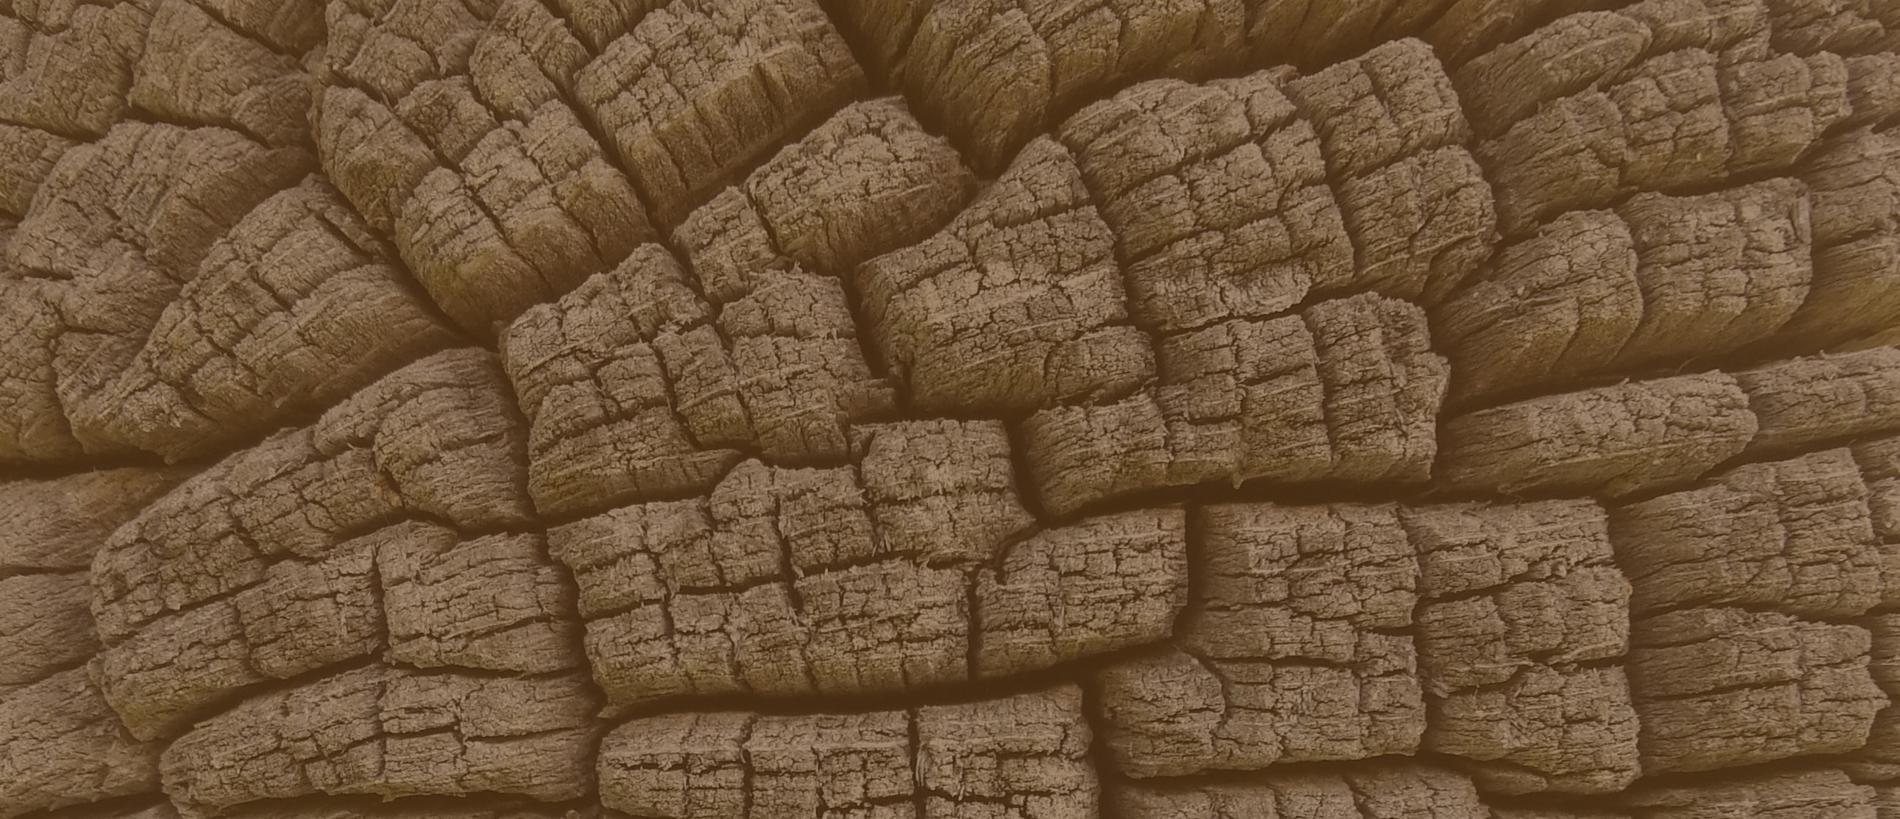 Dendroarchaeologie-Slider-5